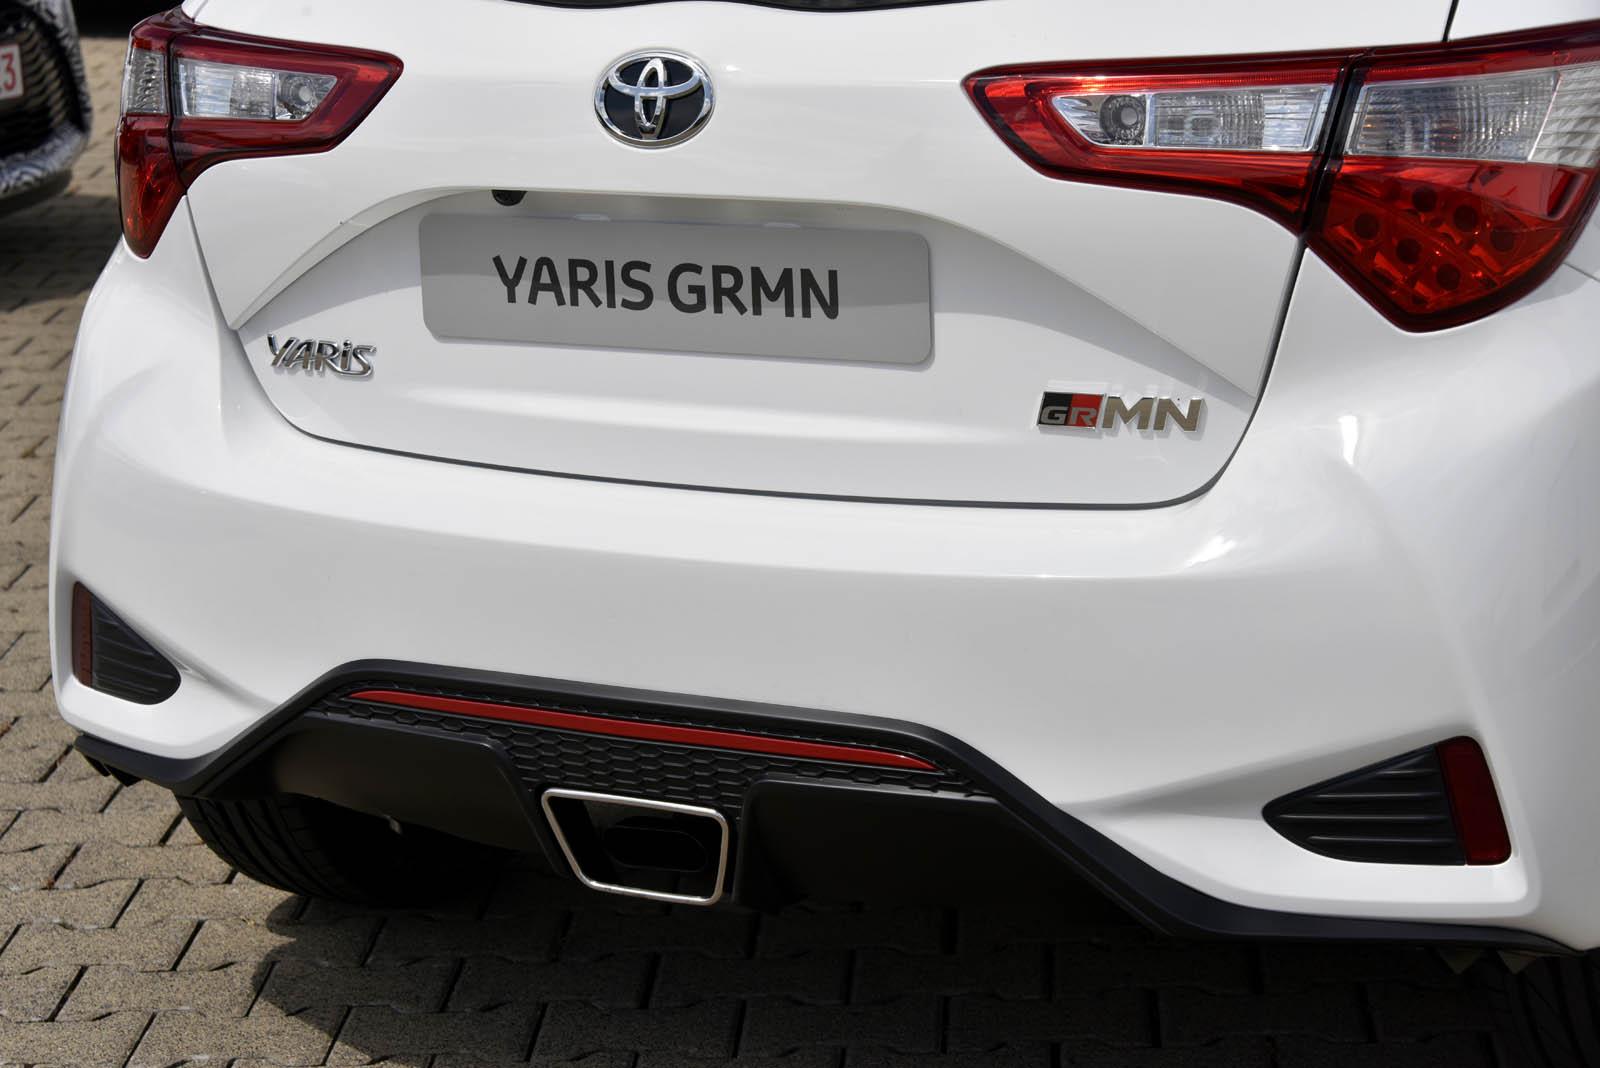 Toyota Yaris GRMN (22)